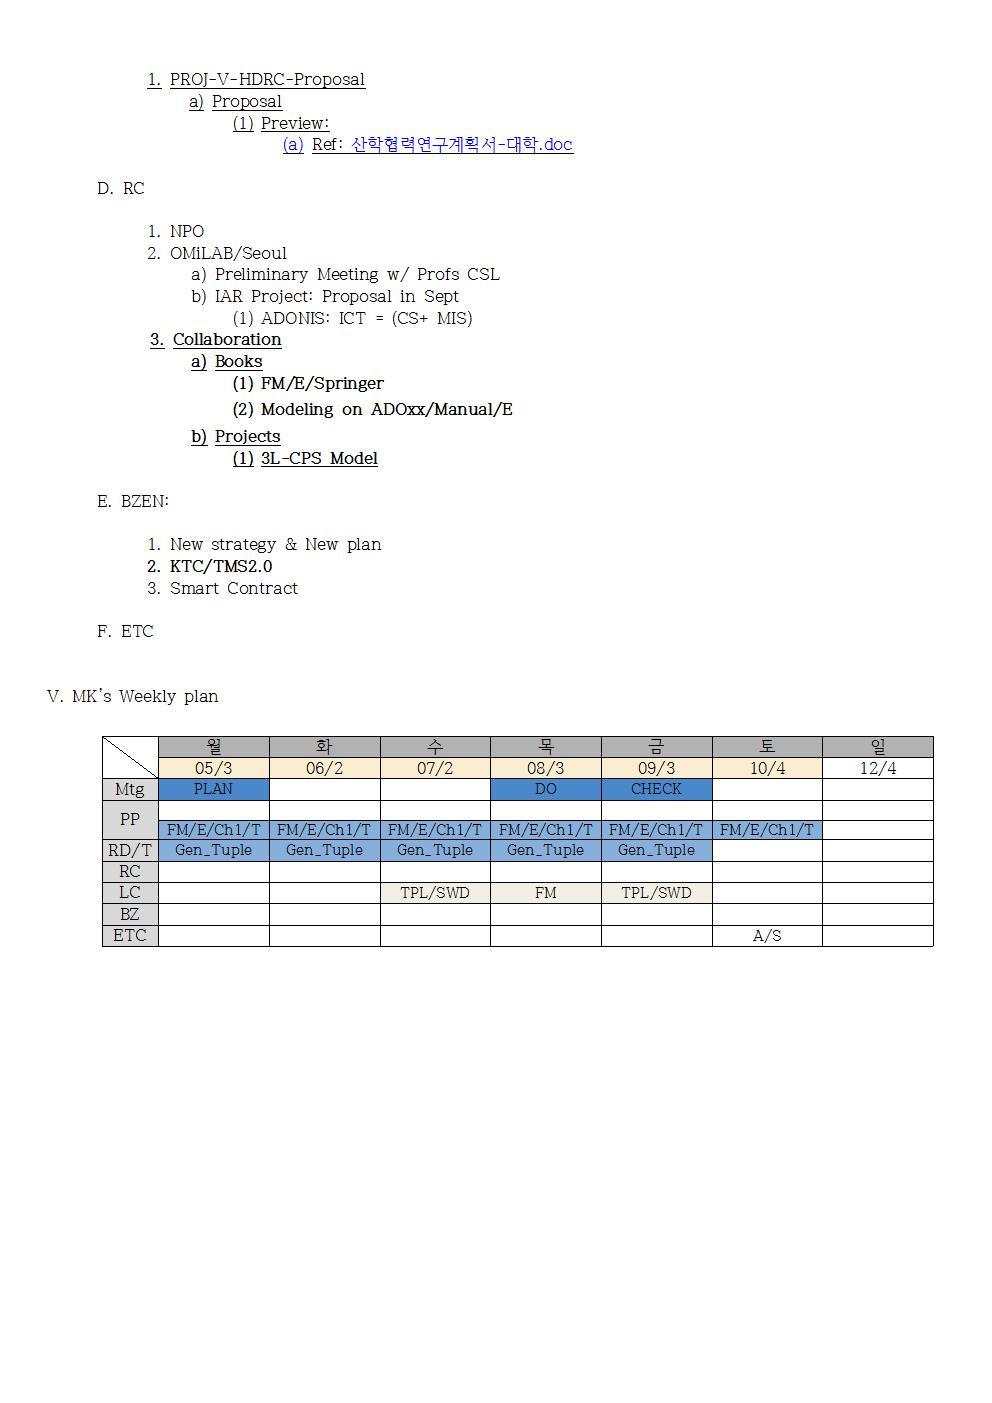 1-Mon-2018-03-05-PLAN-MK-Agenda002.jpg